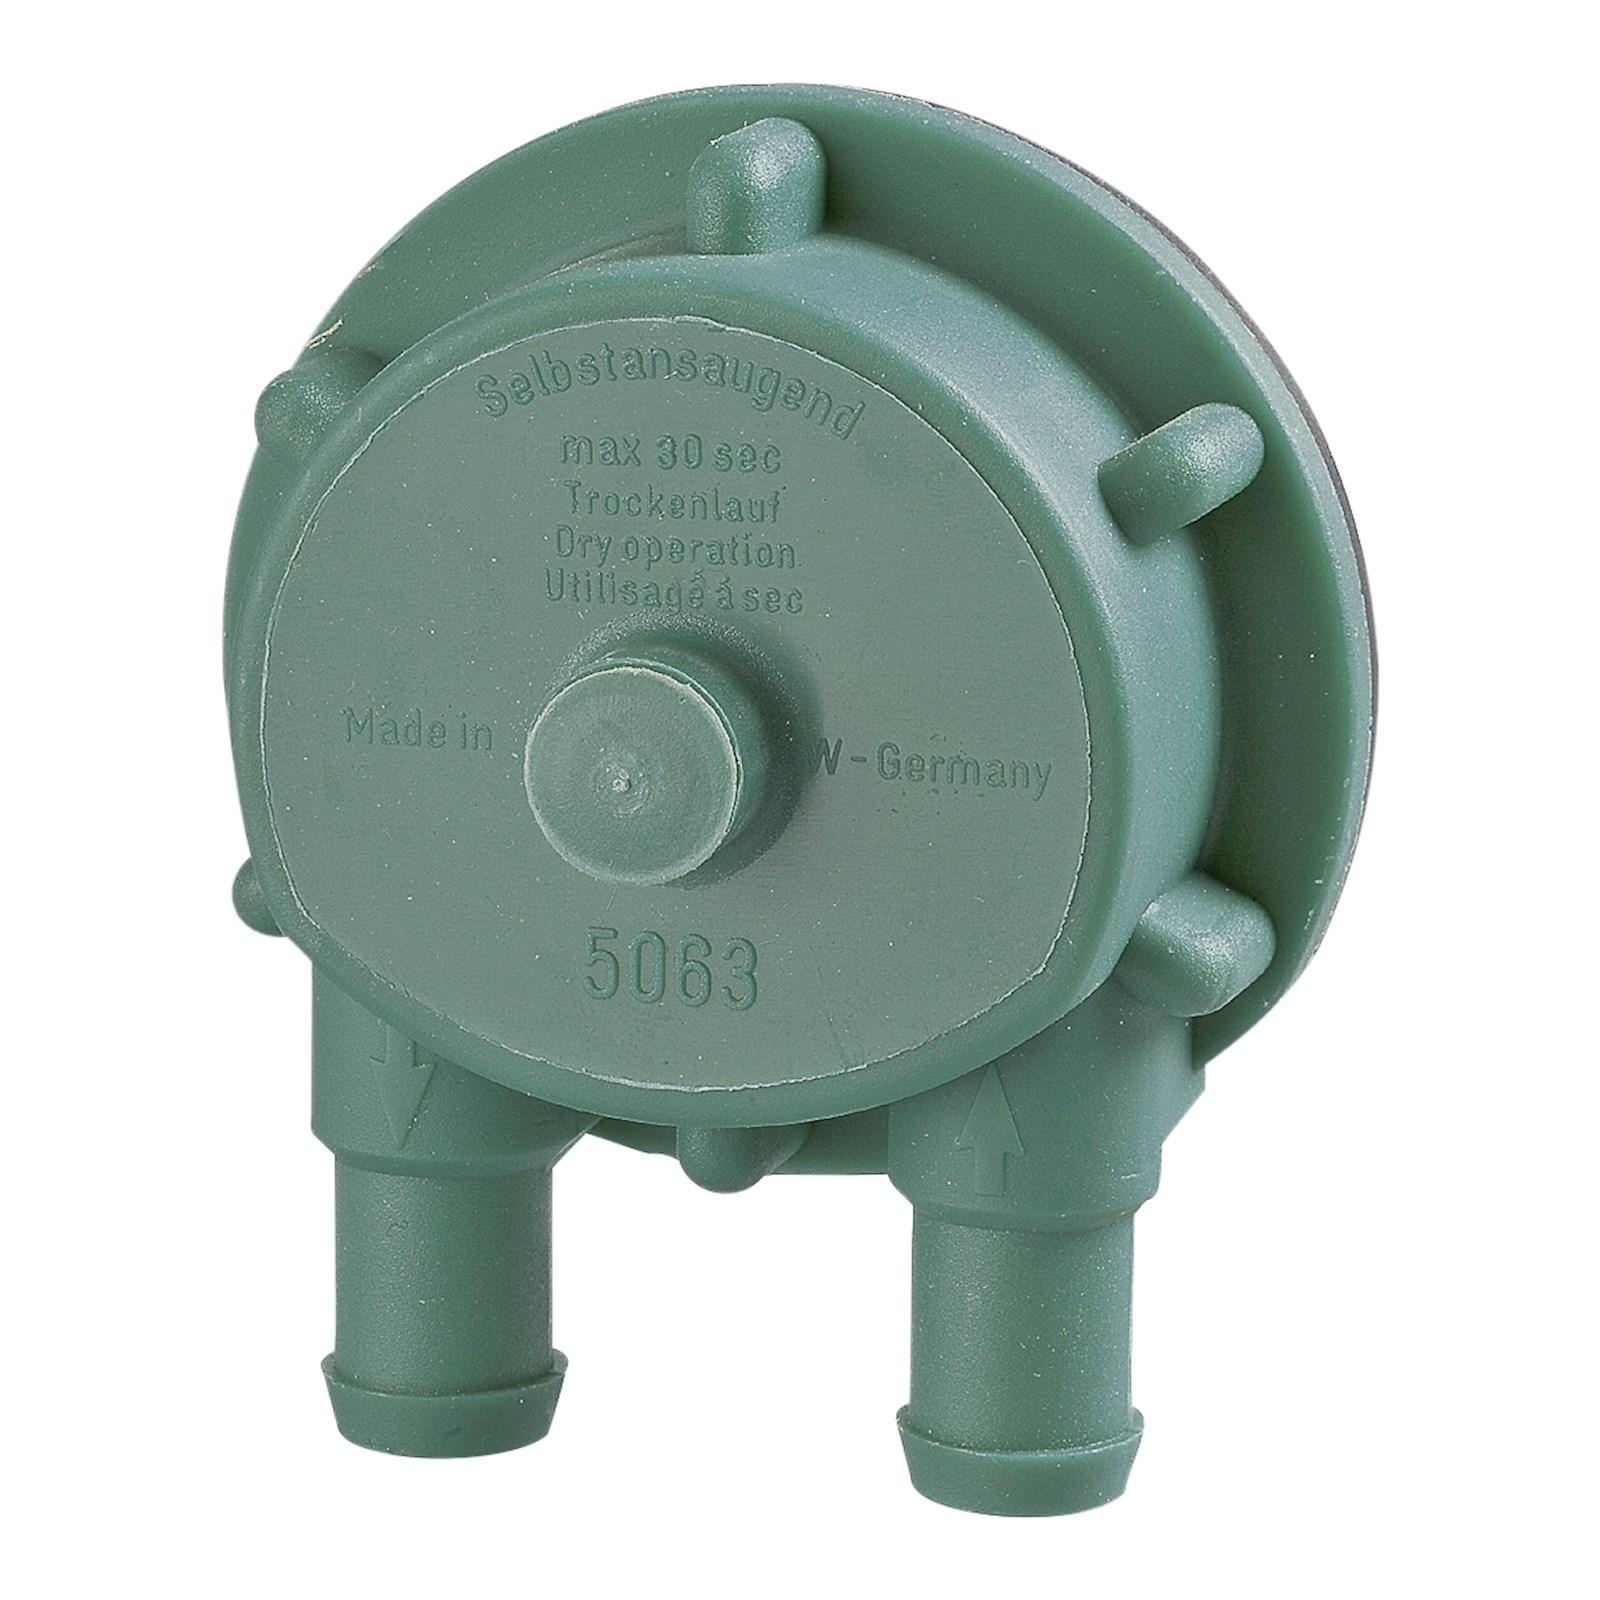 Højmoderne Maxi Pumpe P63 - El. Werkzeug Zubehör - LANDI TN-07